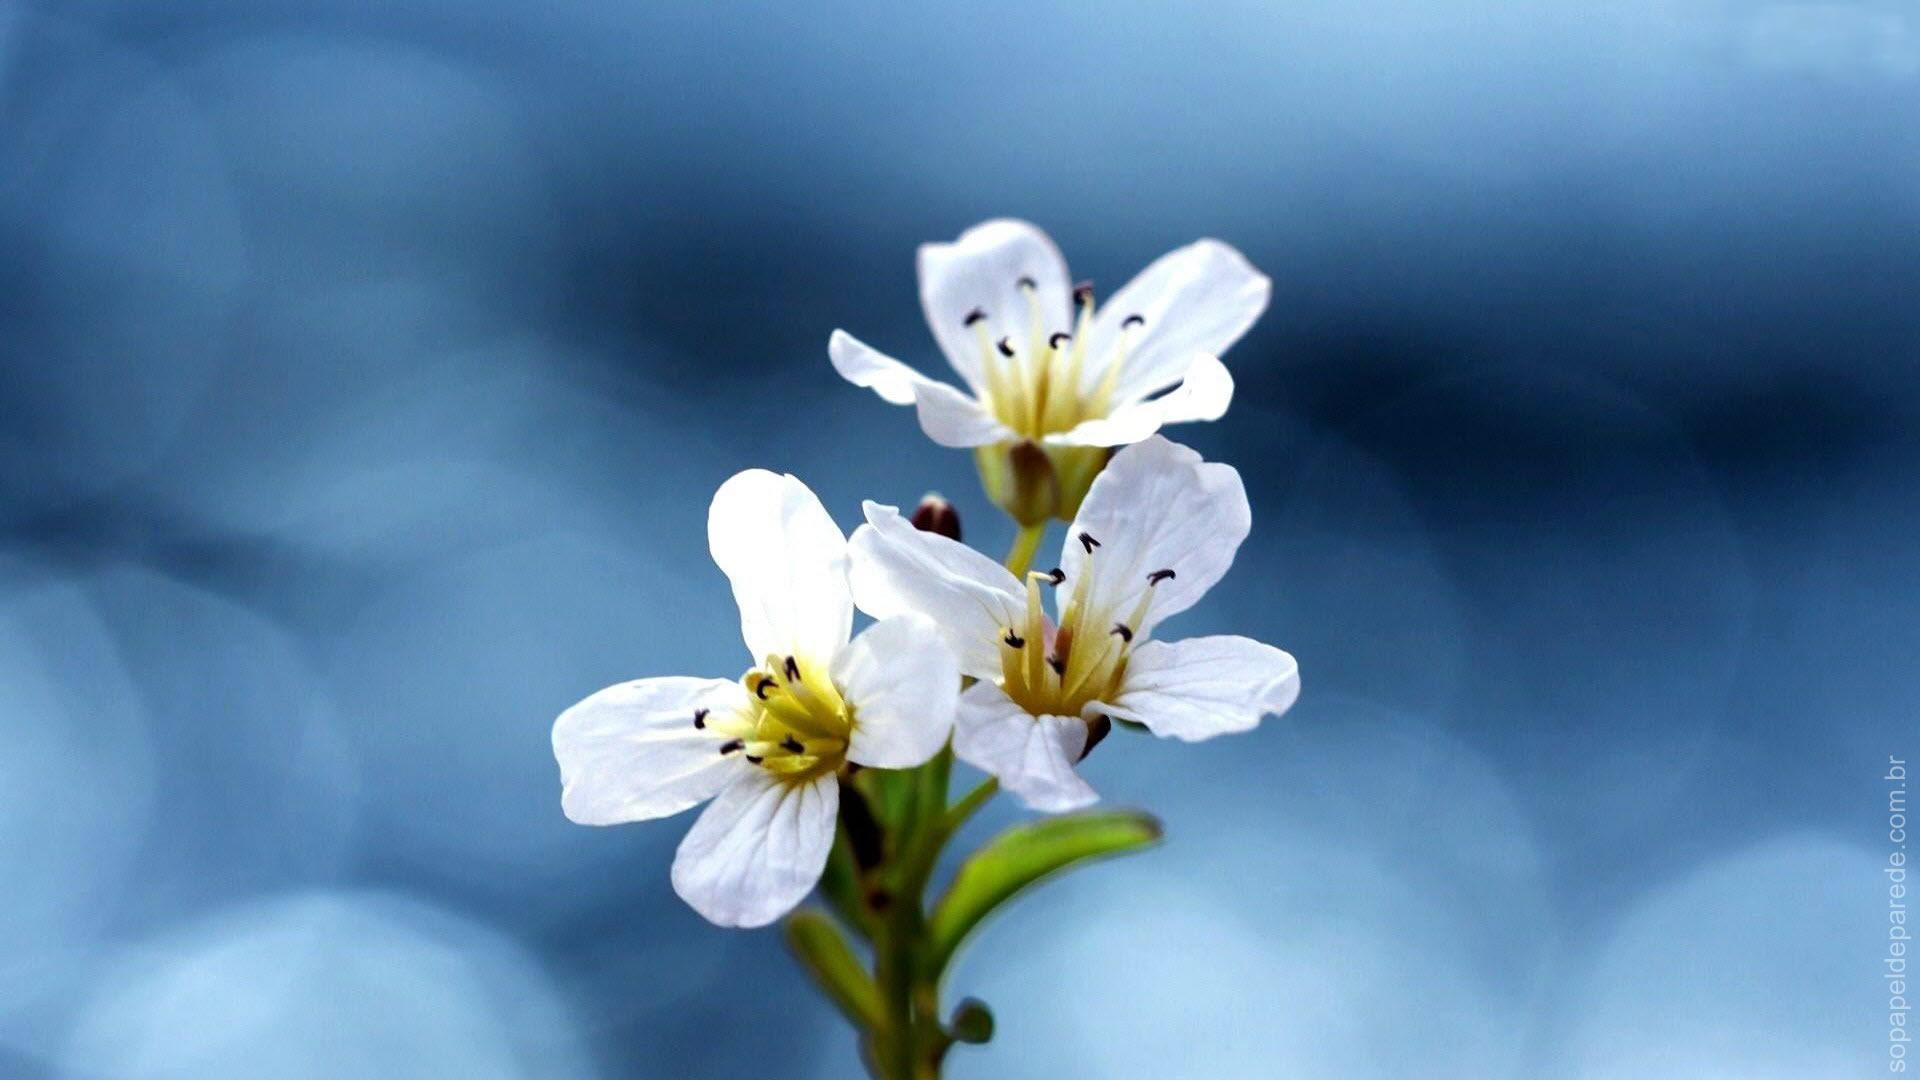 Hermosas Flores Blancas Wallpaper Hd Fondos De Pantalla Gratis: Só Papel De Parede Grátis